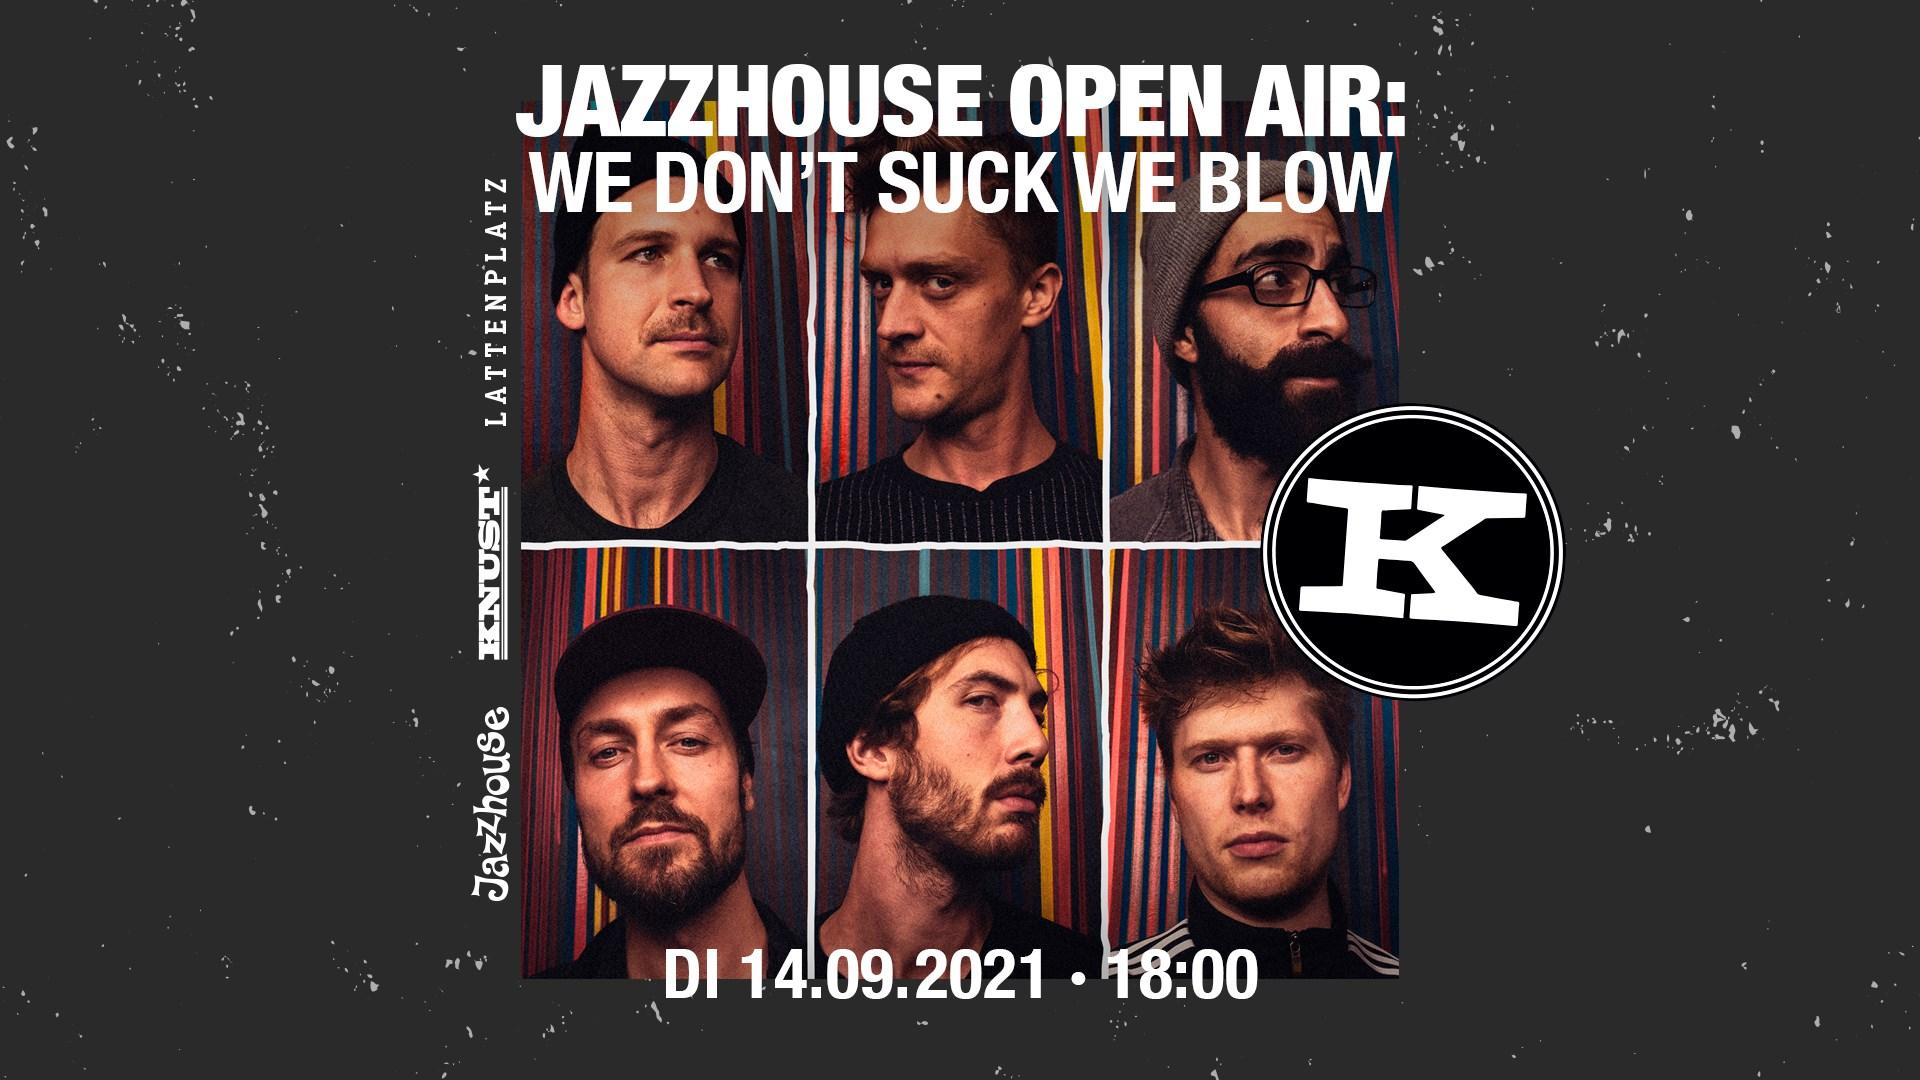 It's getting jazzy! We Don't Suck We Blow! spielen auf dem Lattenplatz.